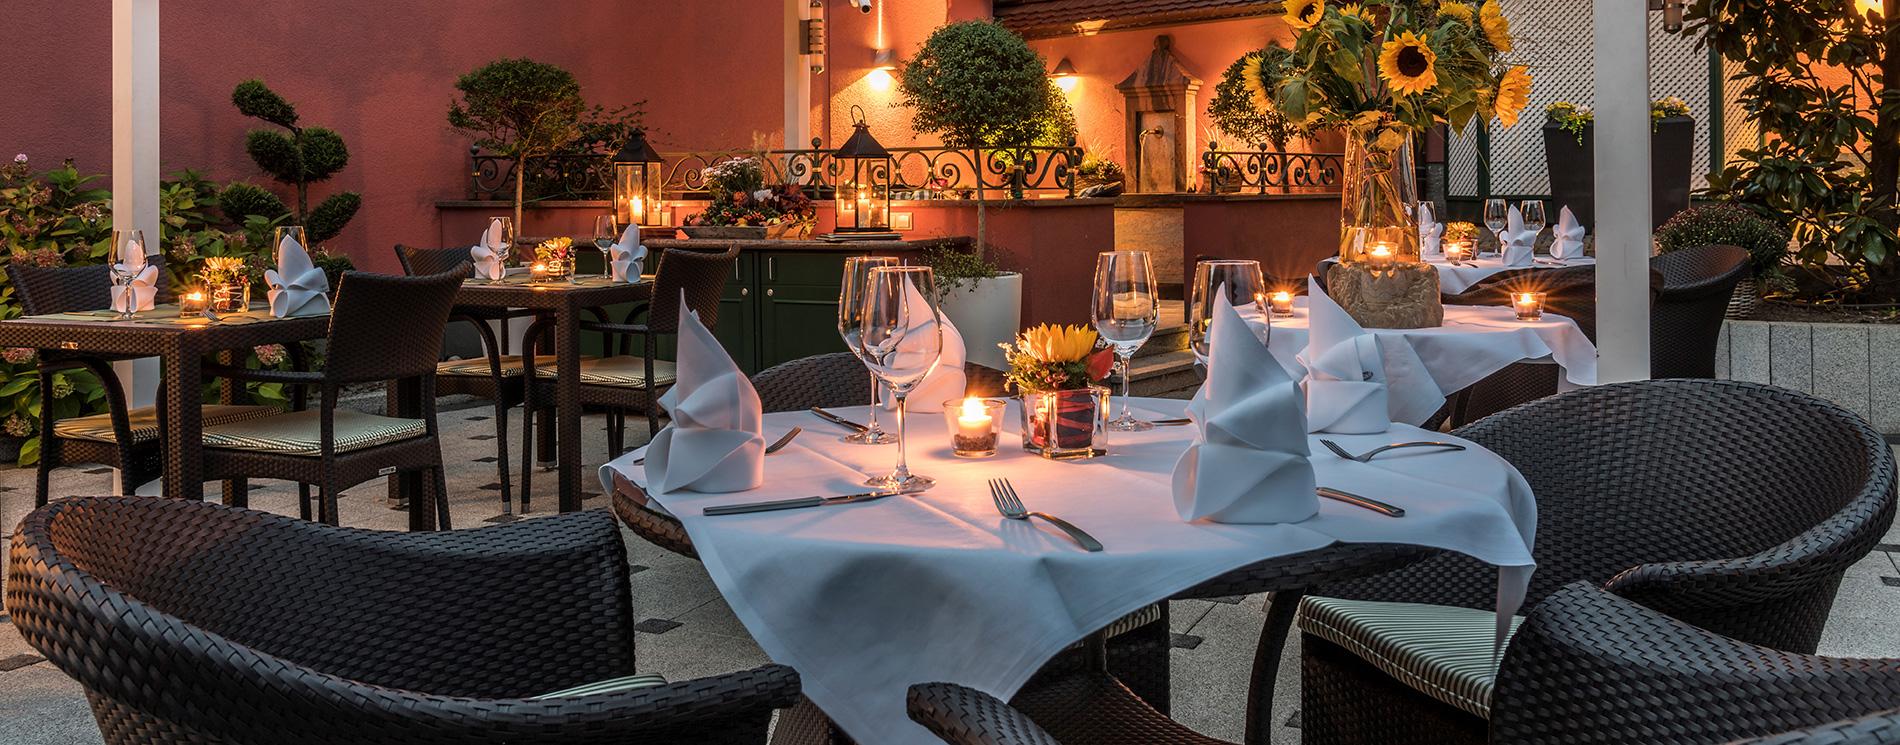 Restaurant-Terrasse Gasthaus Zur Krone